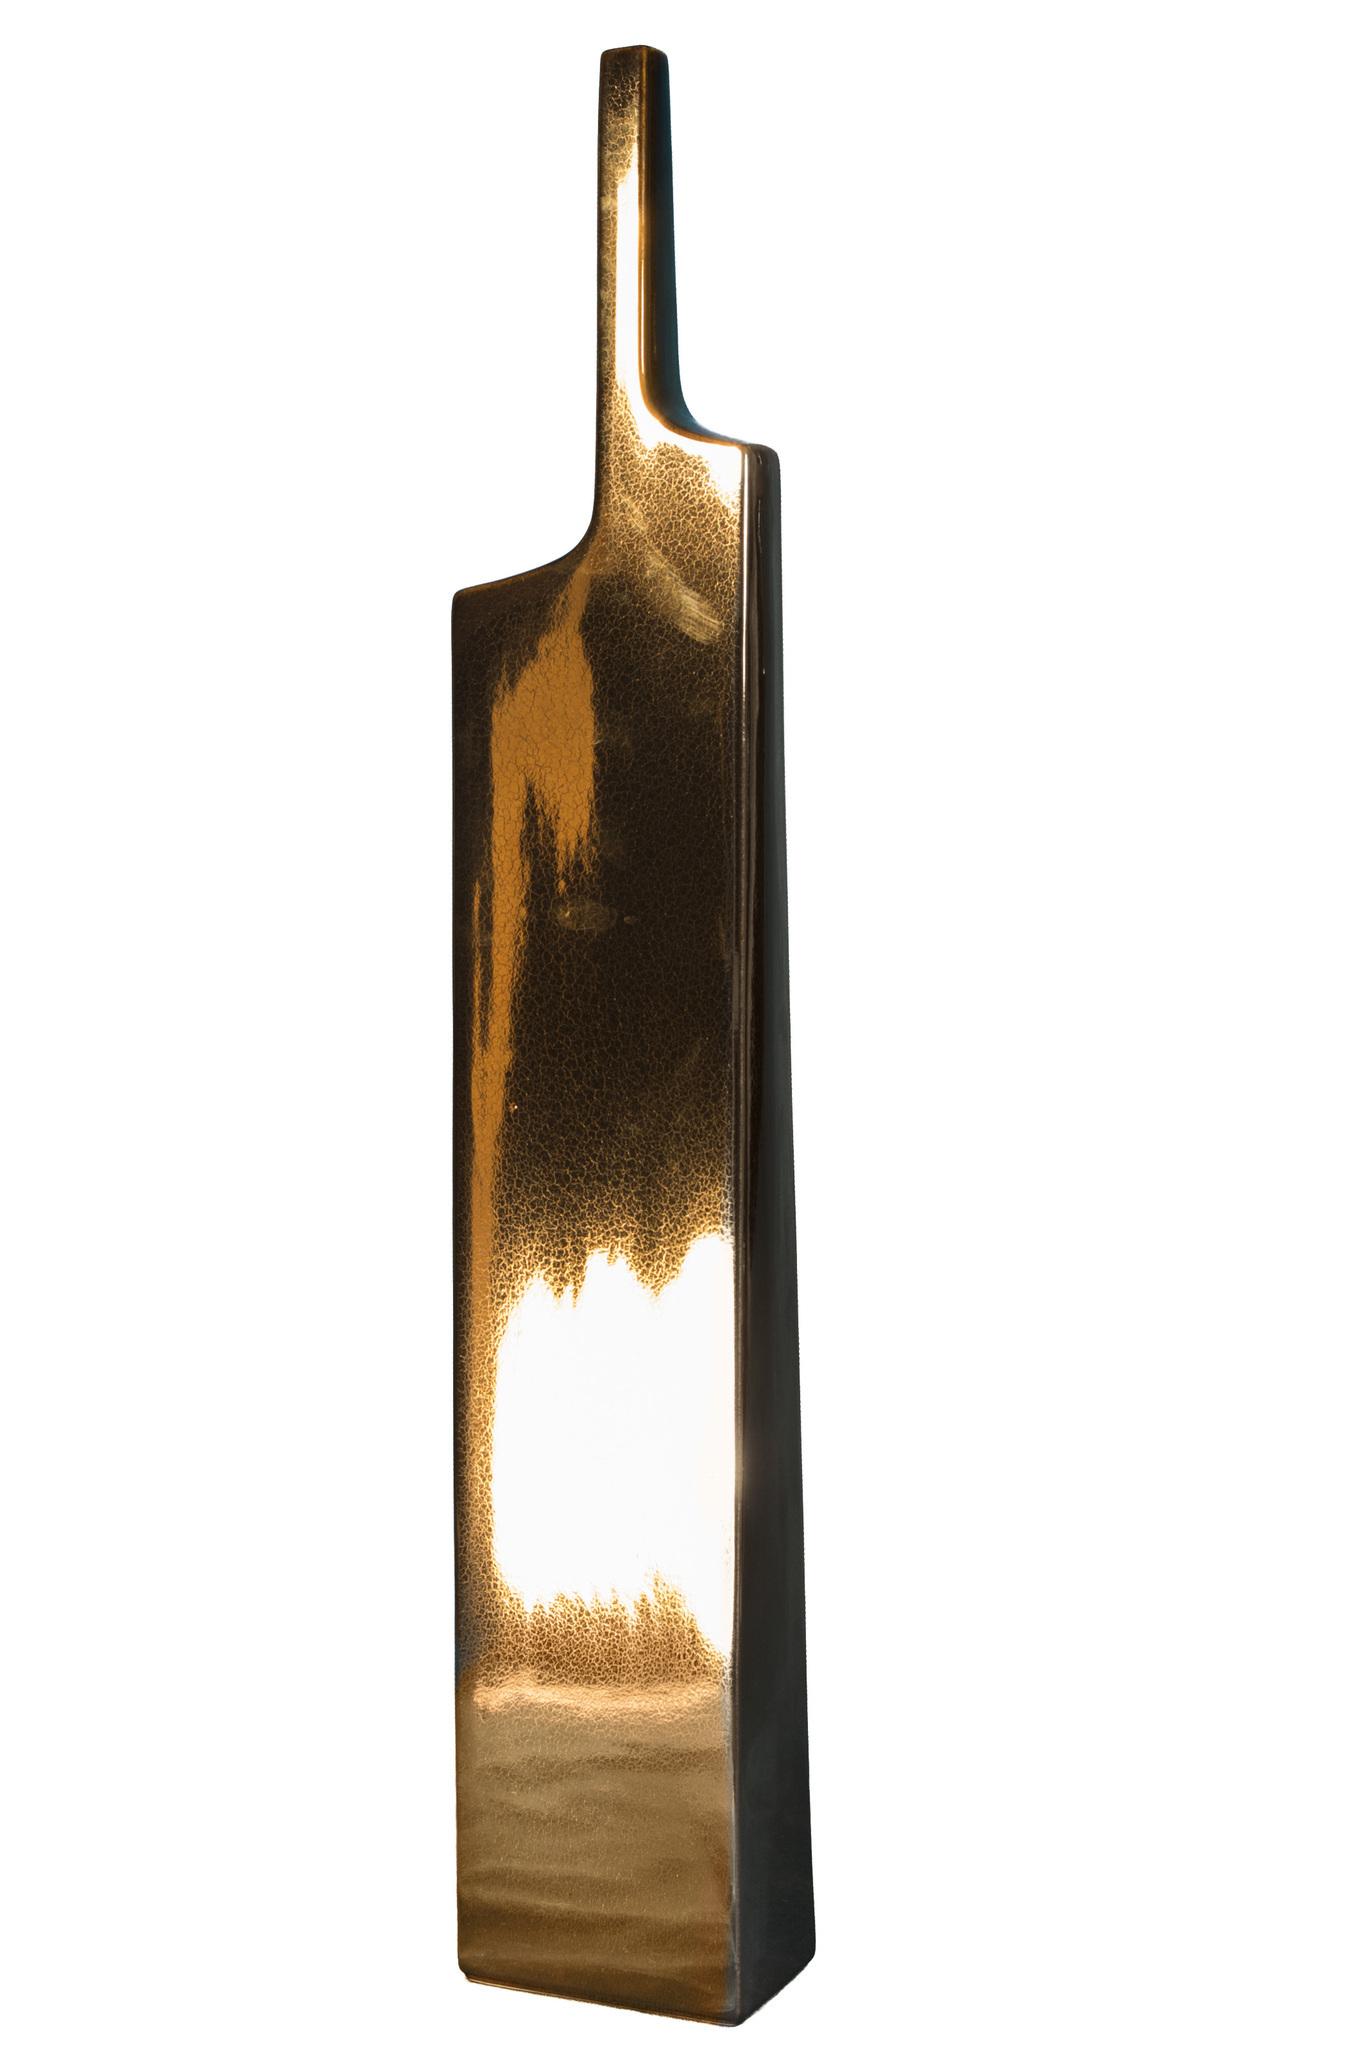 Вазы настольные Элитная ваза декоративная Fine gold высокая от S. Bernardo vaza-dekorativnaya-vysokaya-fine-gold-ot-s-bernardo-iz-portugalii.jpg